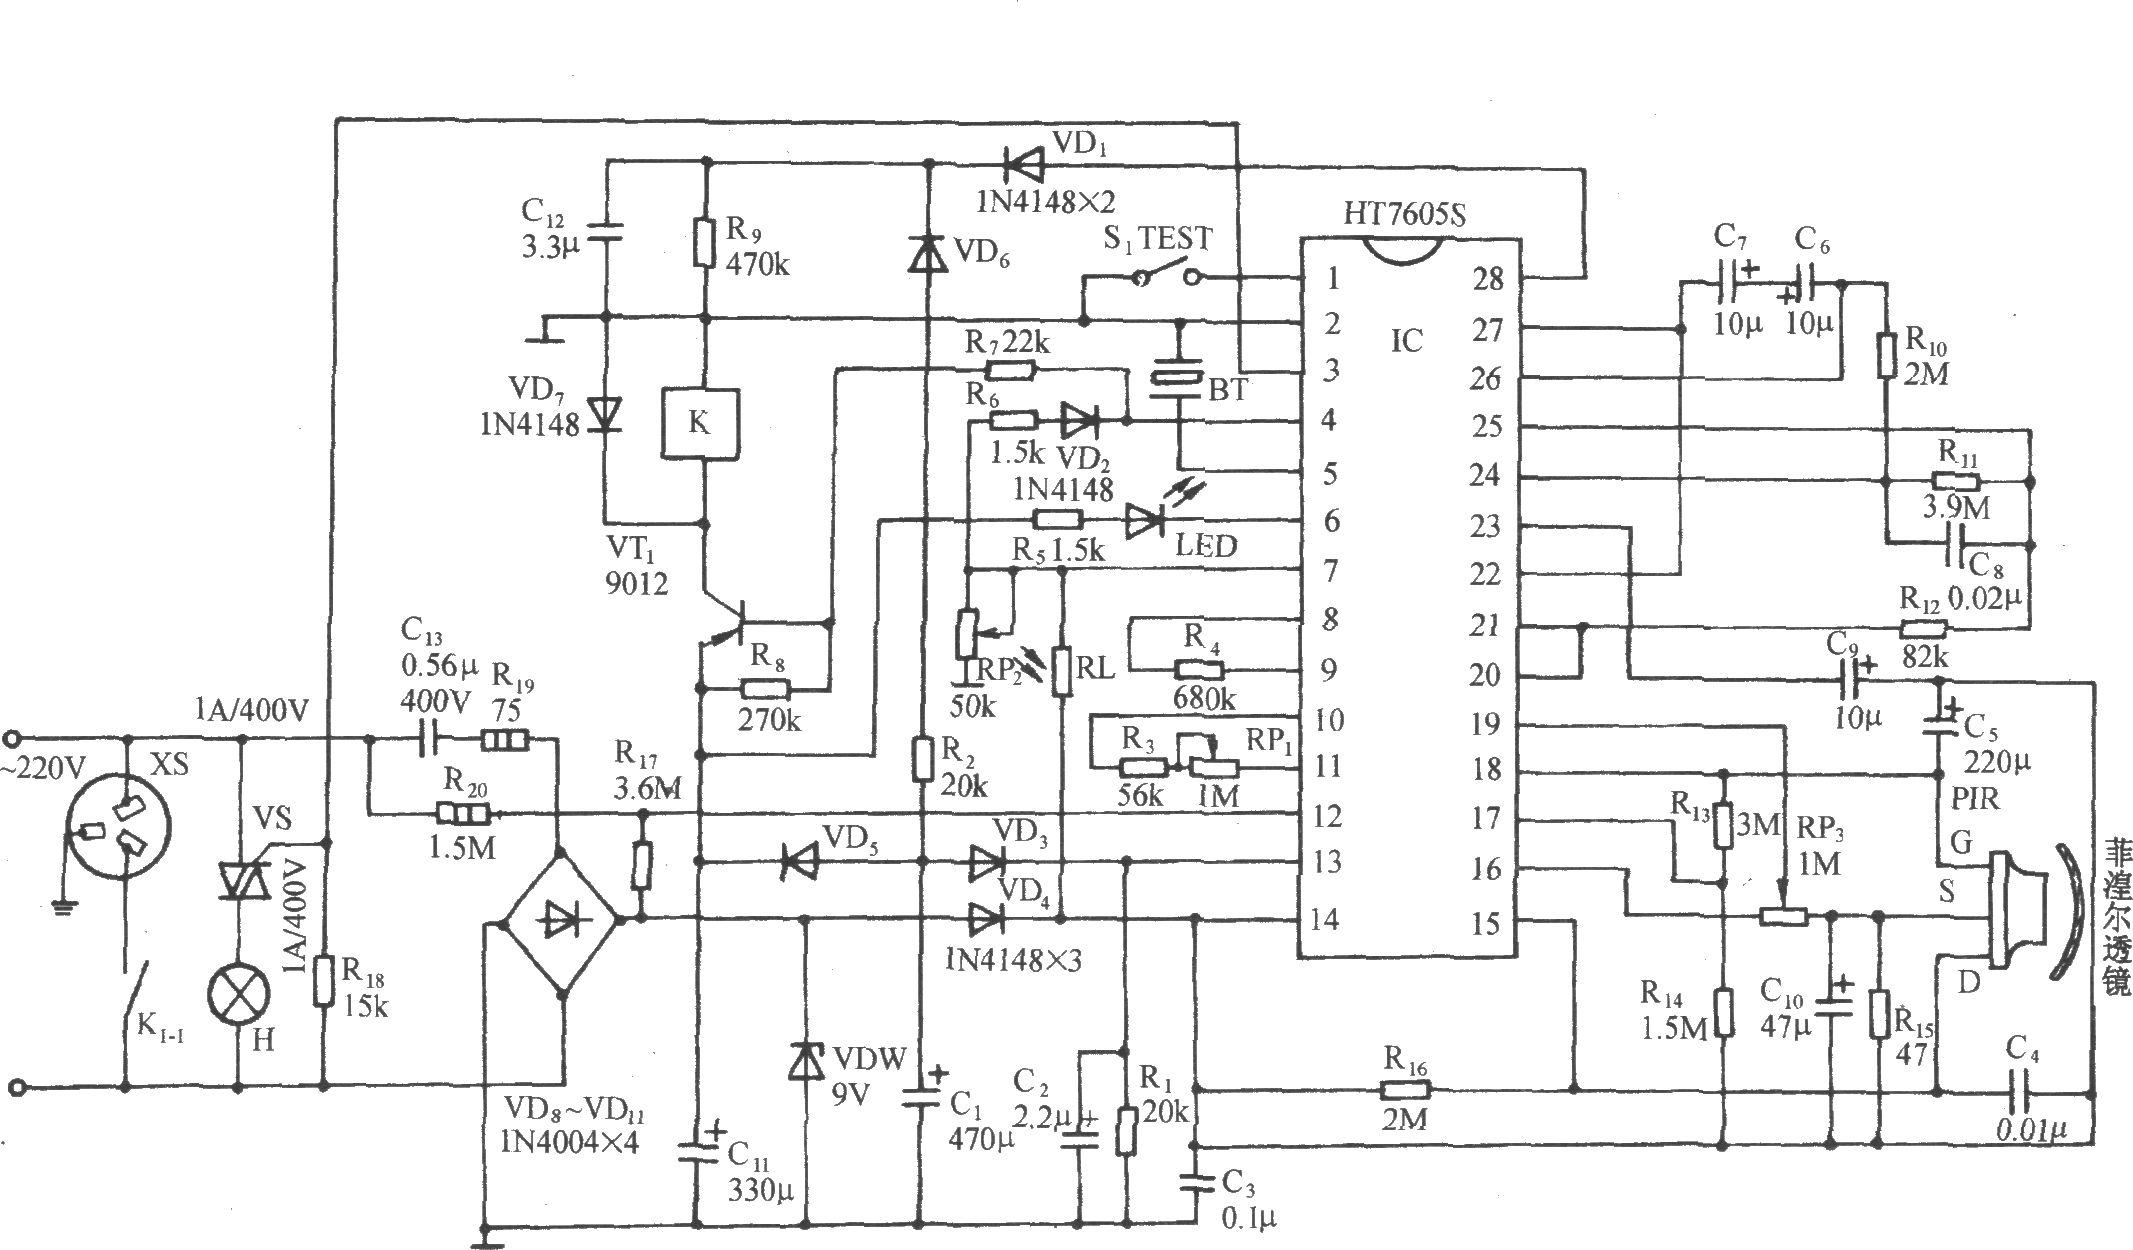 其输出控制可采用可控硅和继电器两种控制方式